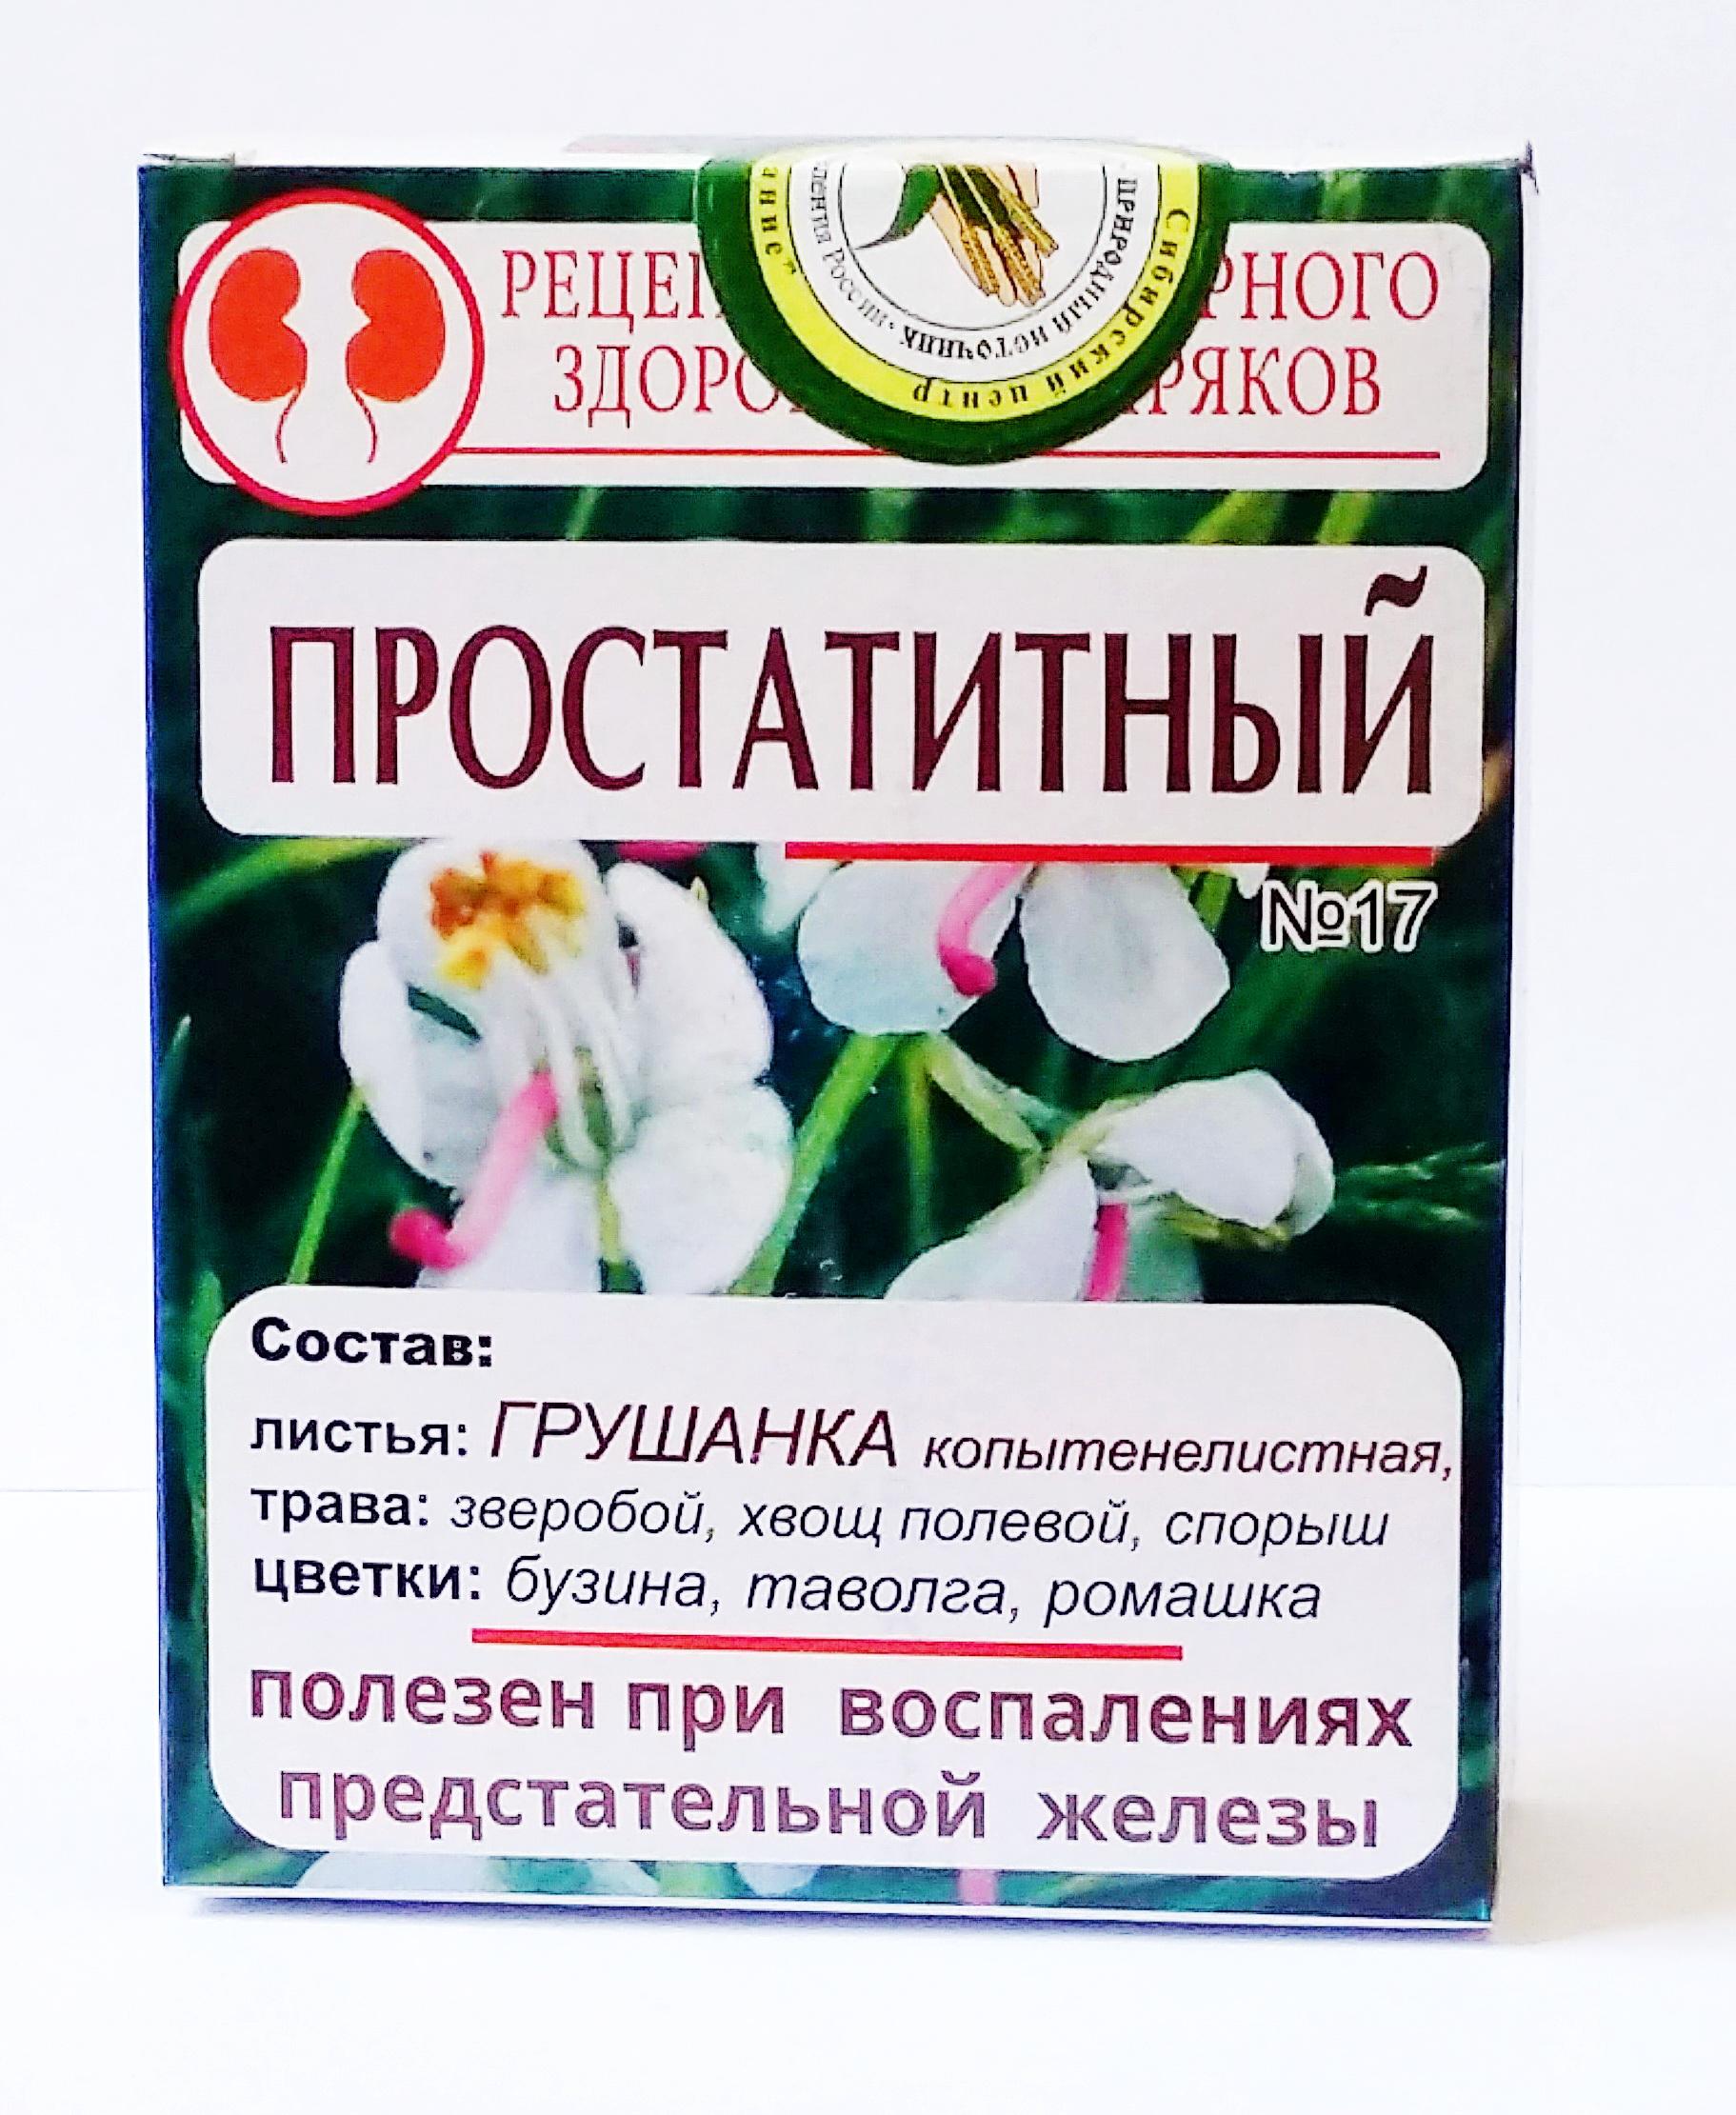 Рецепт от простатита с грушанкой китайский пластырь от простатита применение